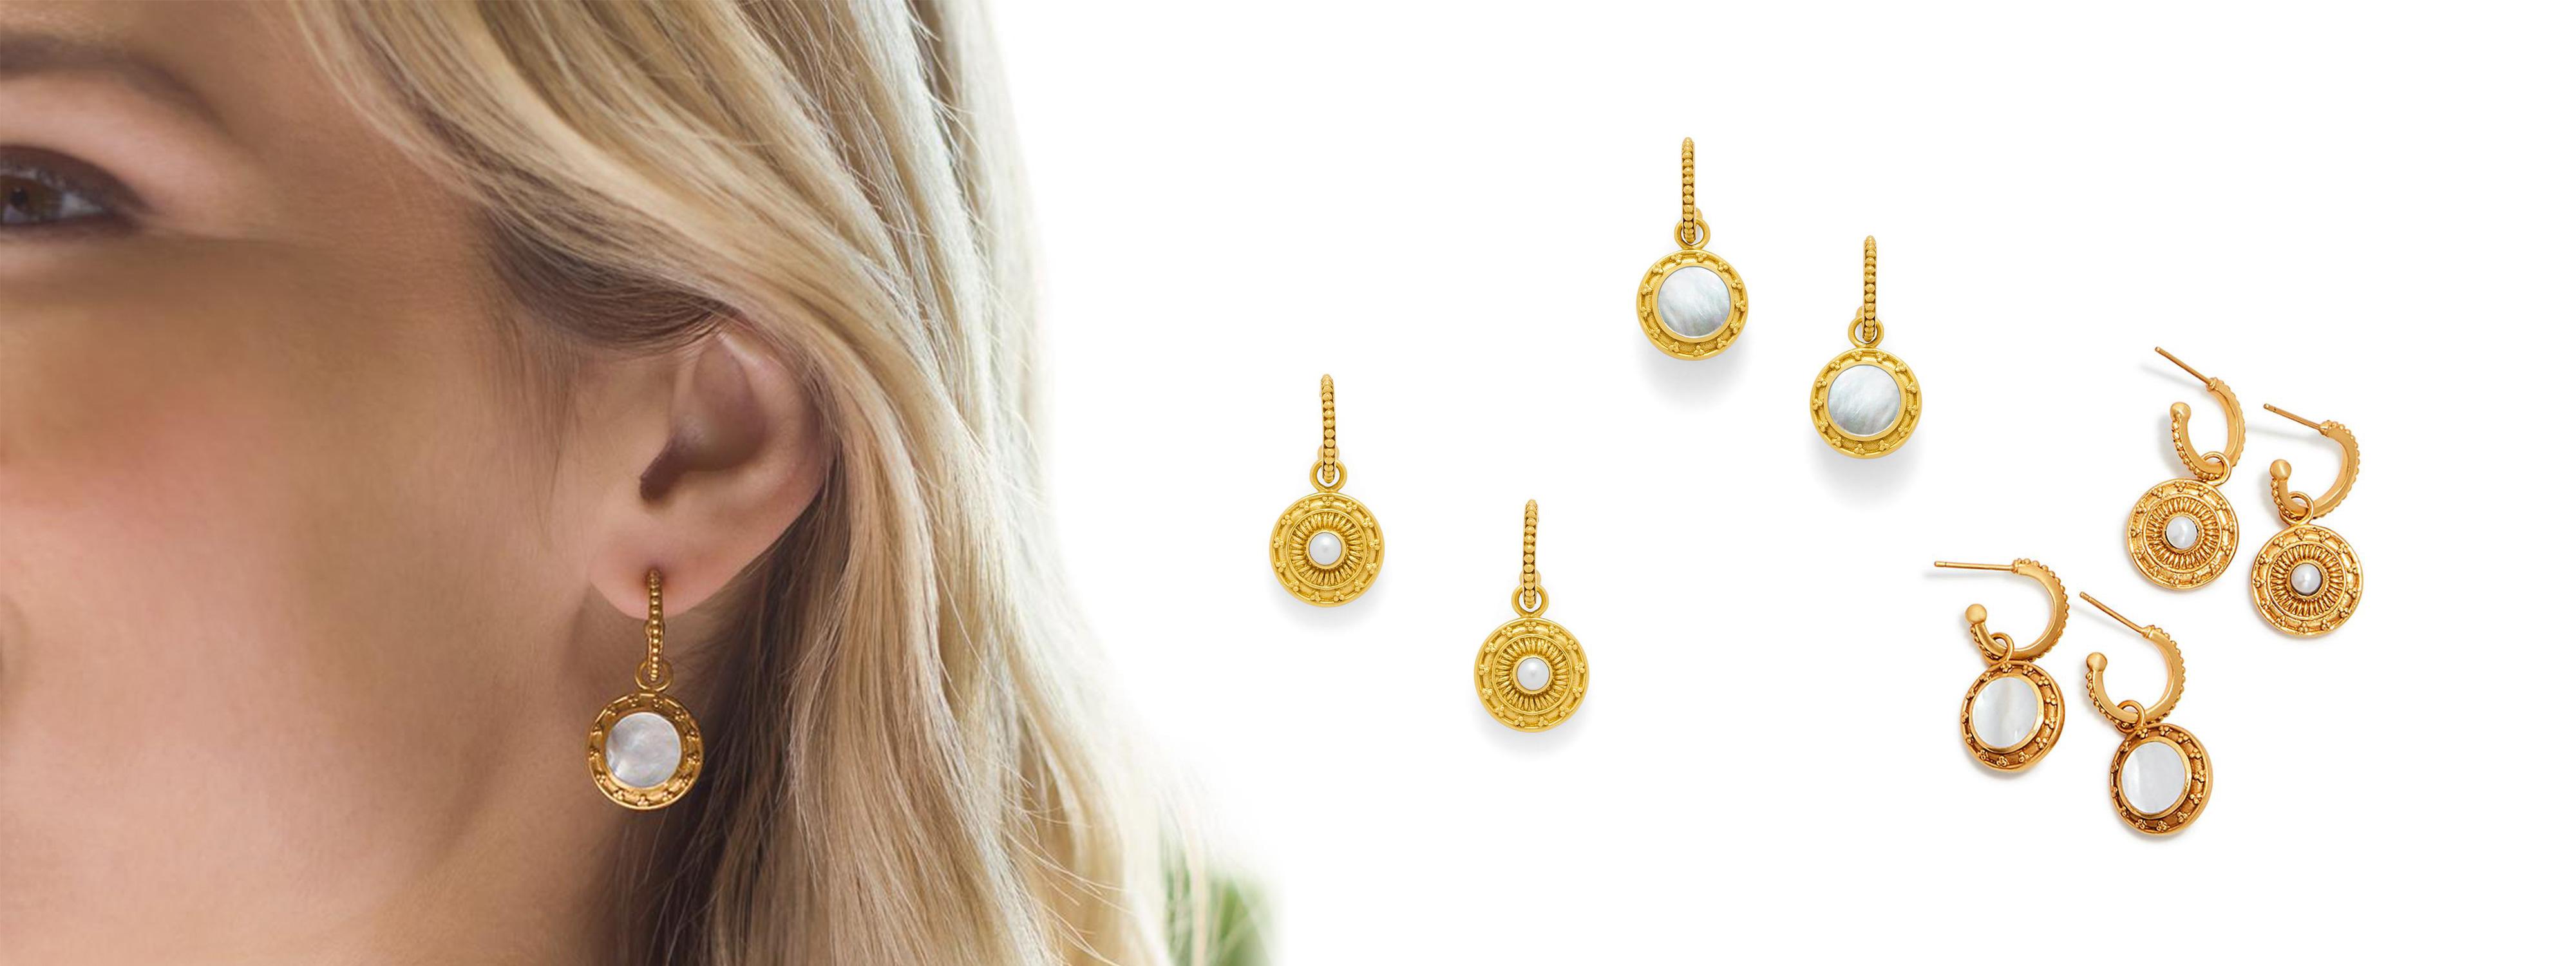 knuths-julie-vos-sofia-earring